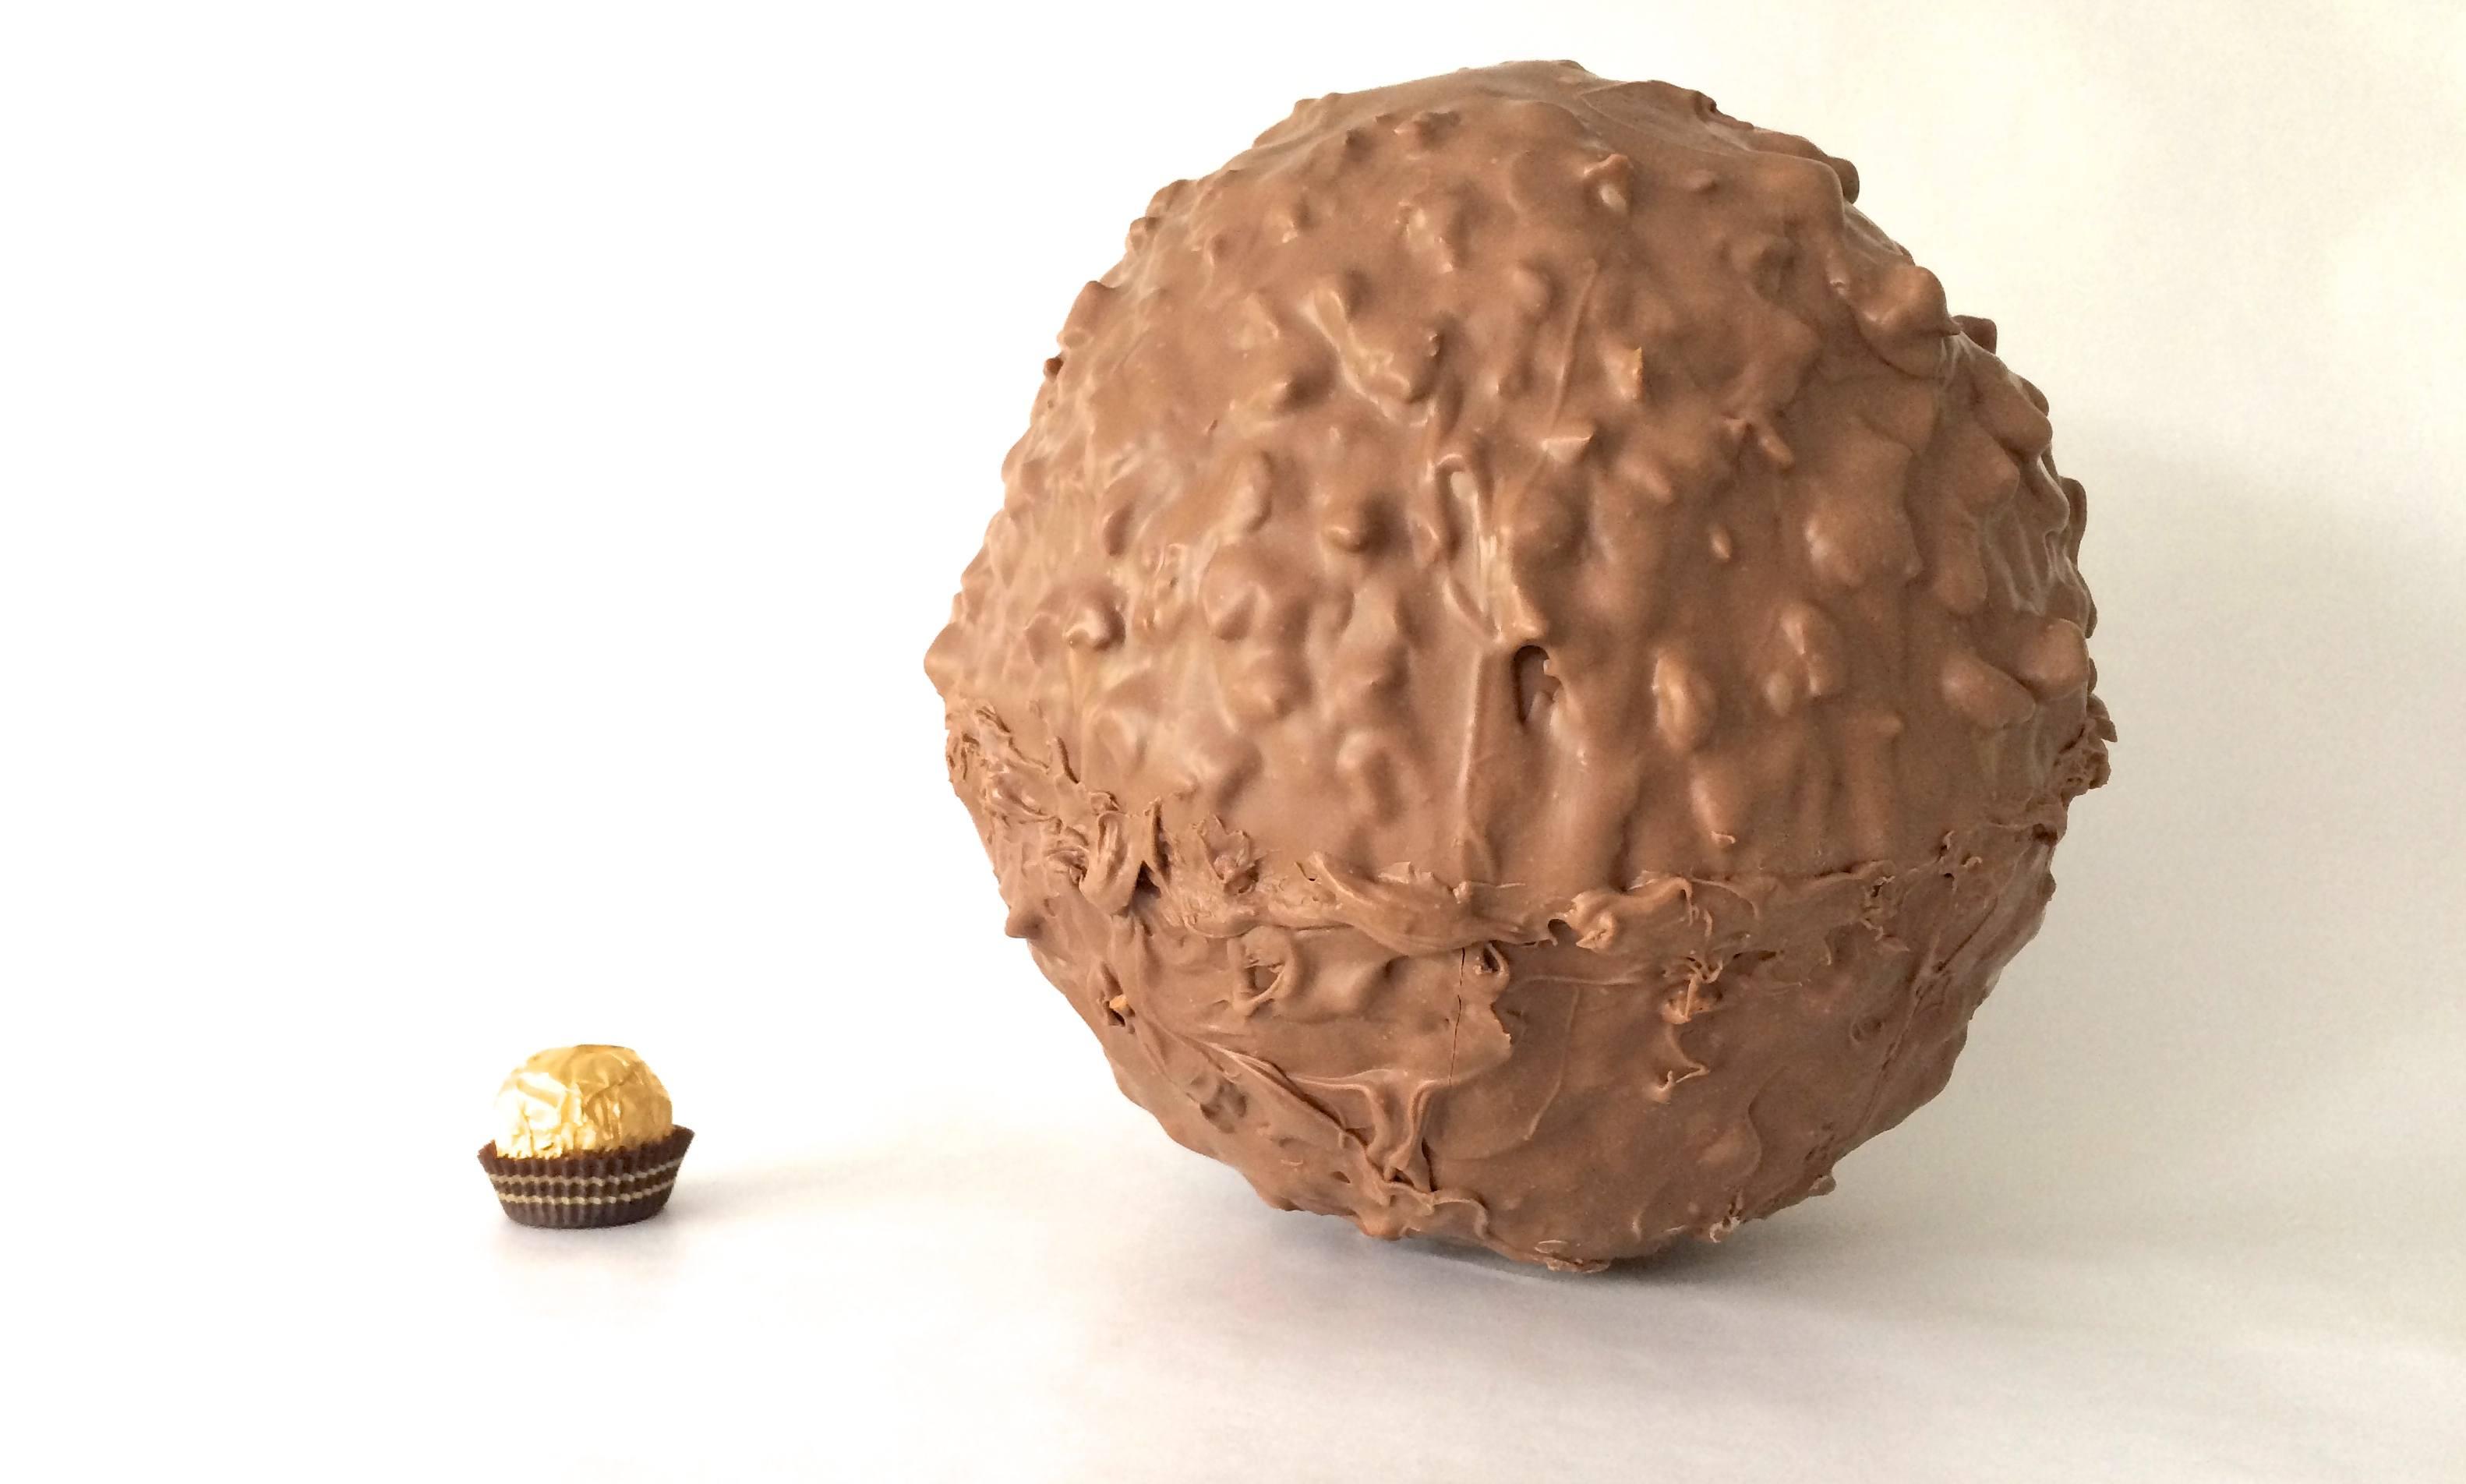 Giant Chocolate Bar Cake Gif